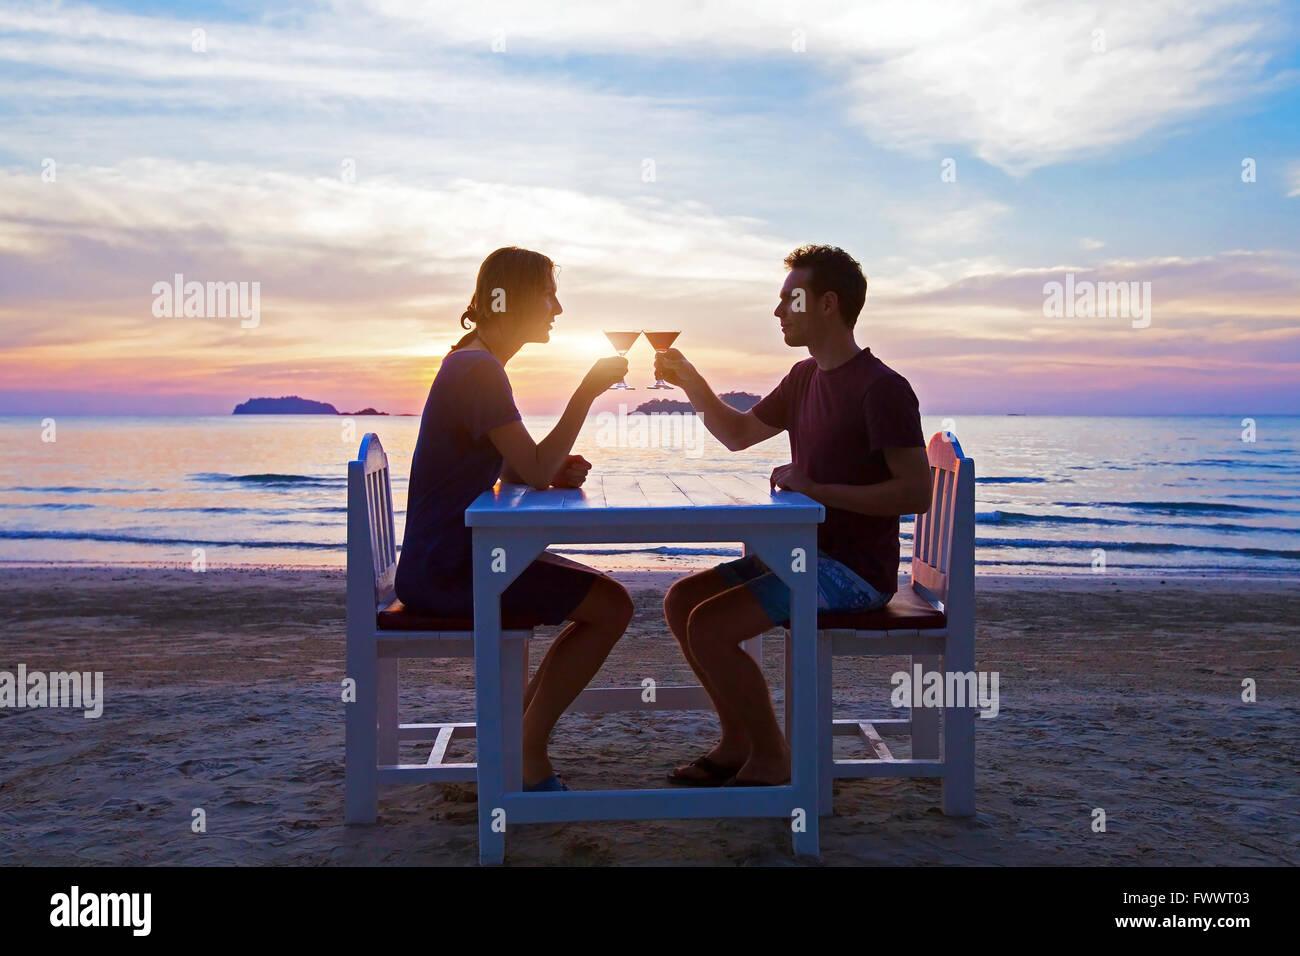 Cena romantica a lume di candela sulla spiaggia nel ristorante di lusso, coppia in luna di miele a bere cocktail Immagini Stock